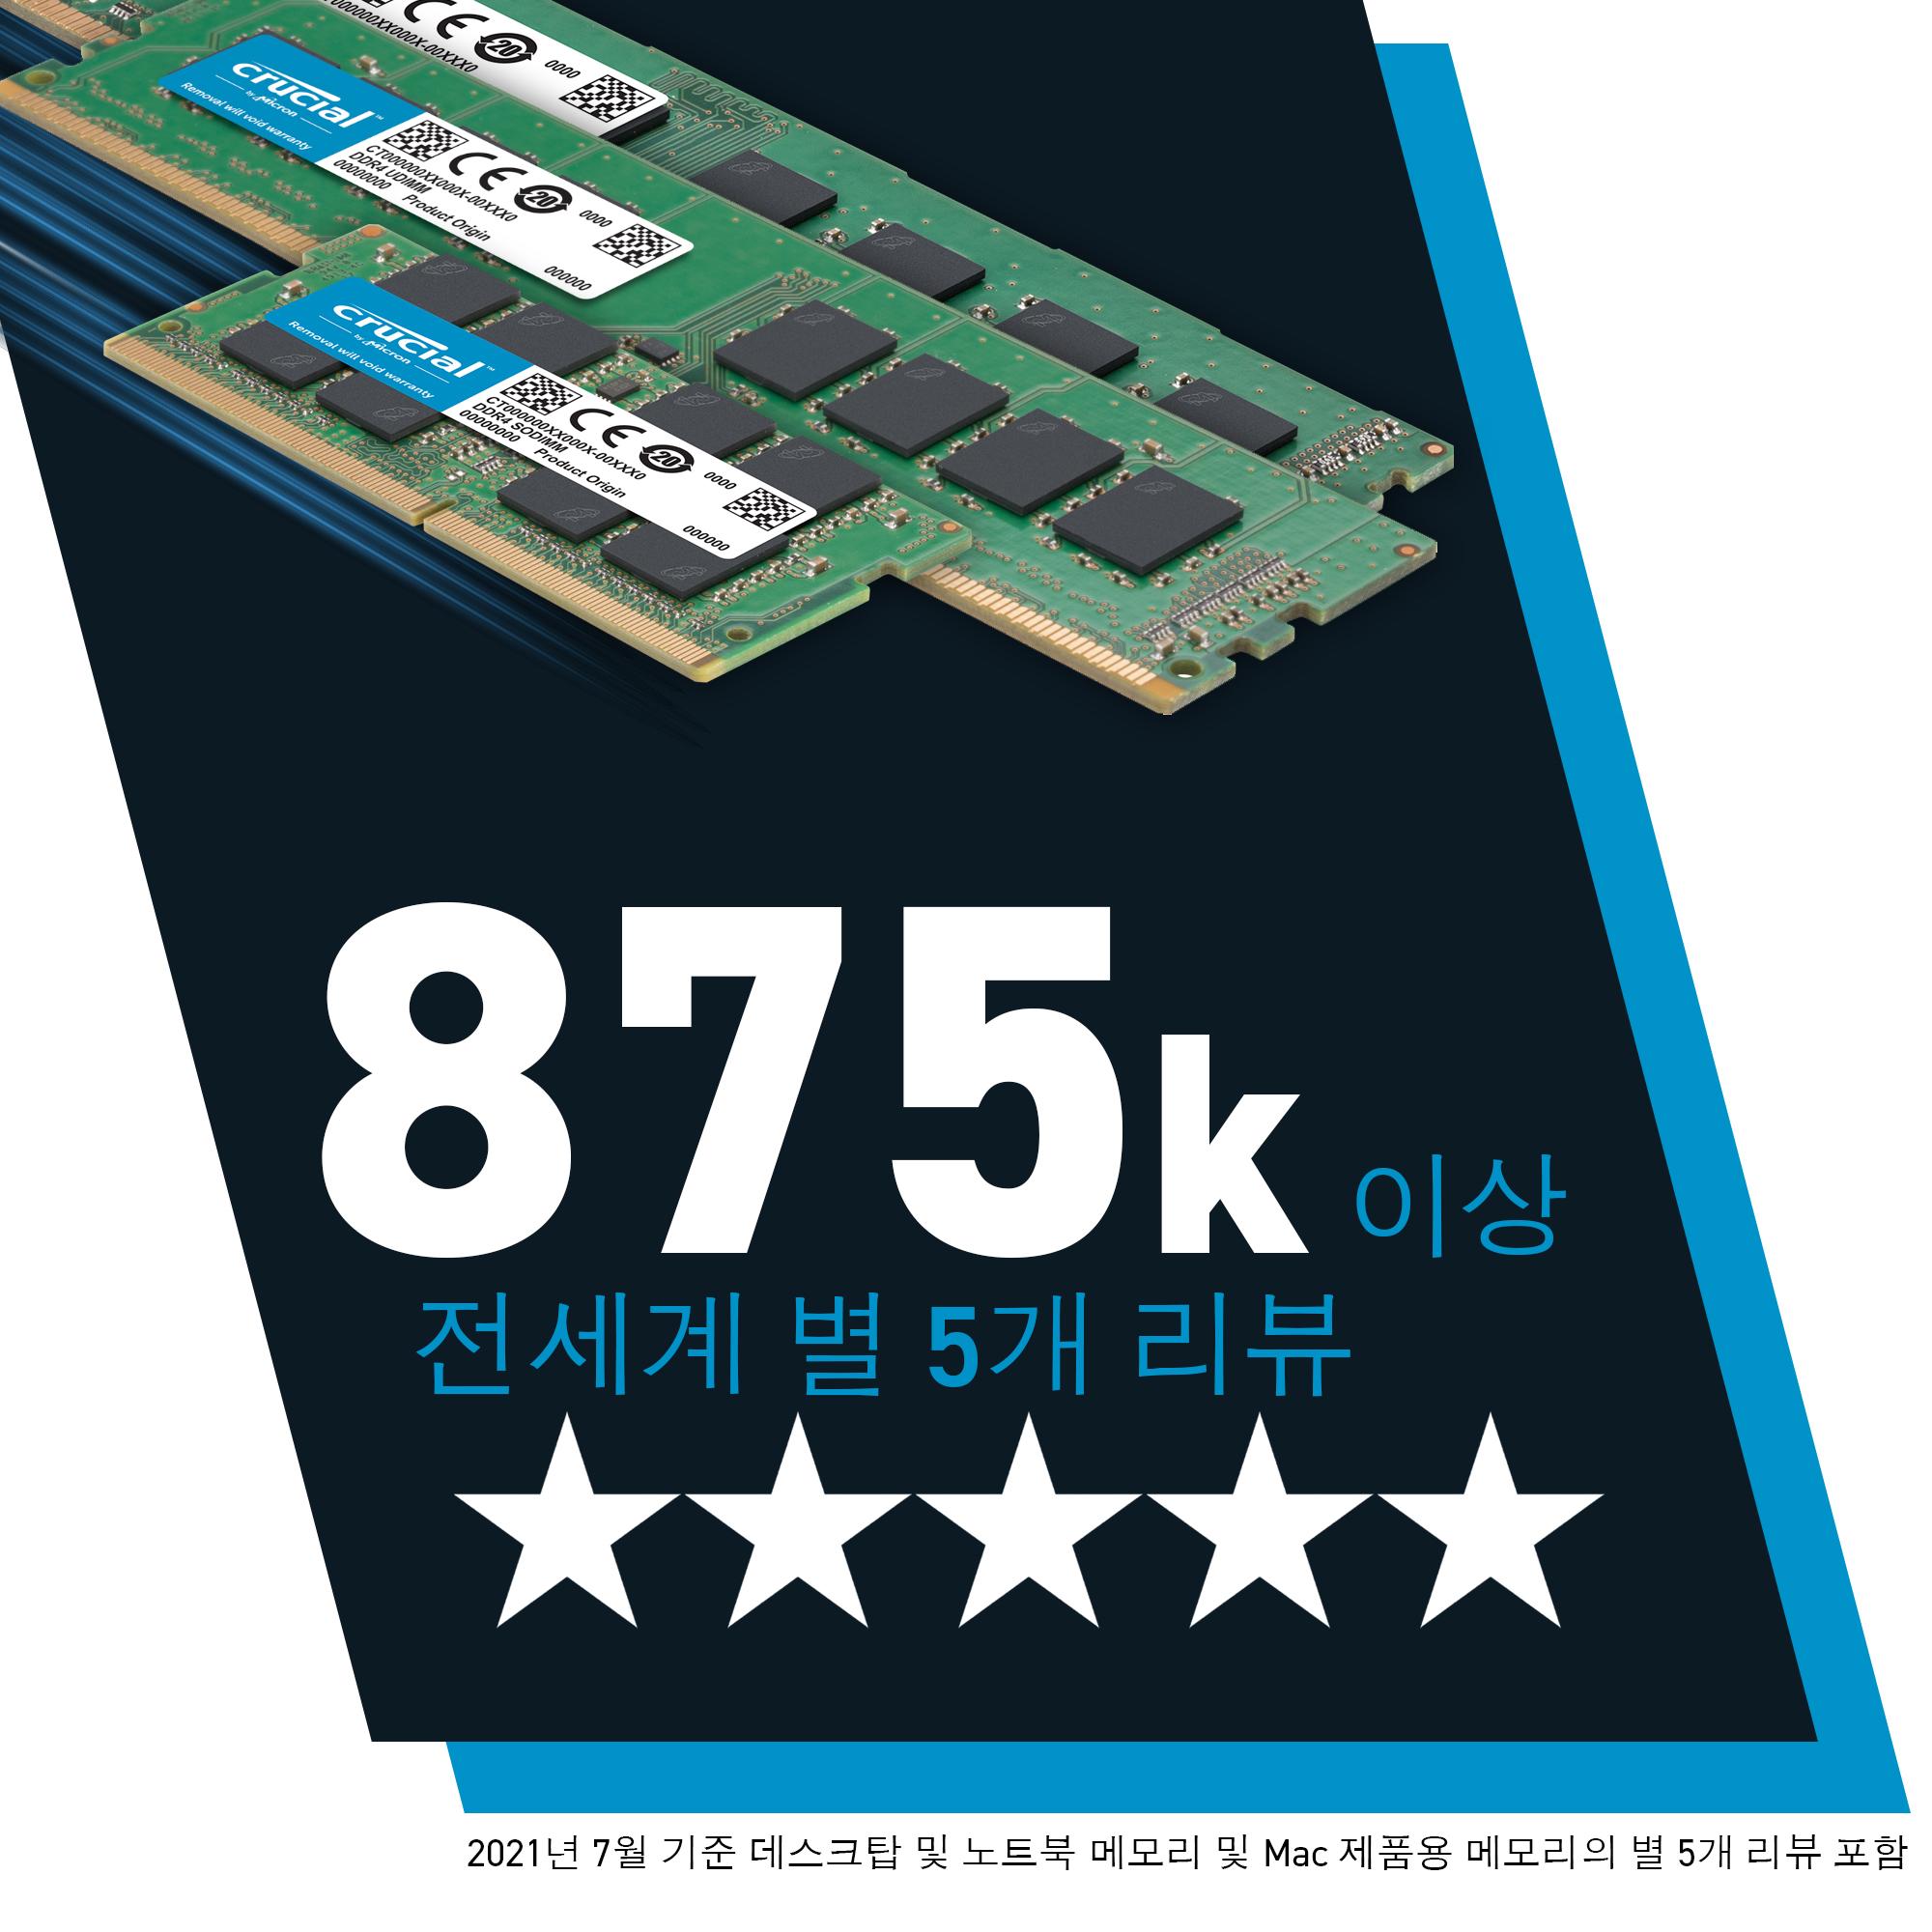 Crucial 16GB DDR4-2666 SODIMM- view 2